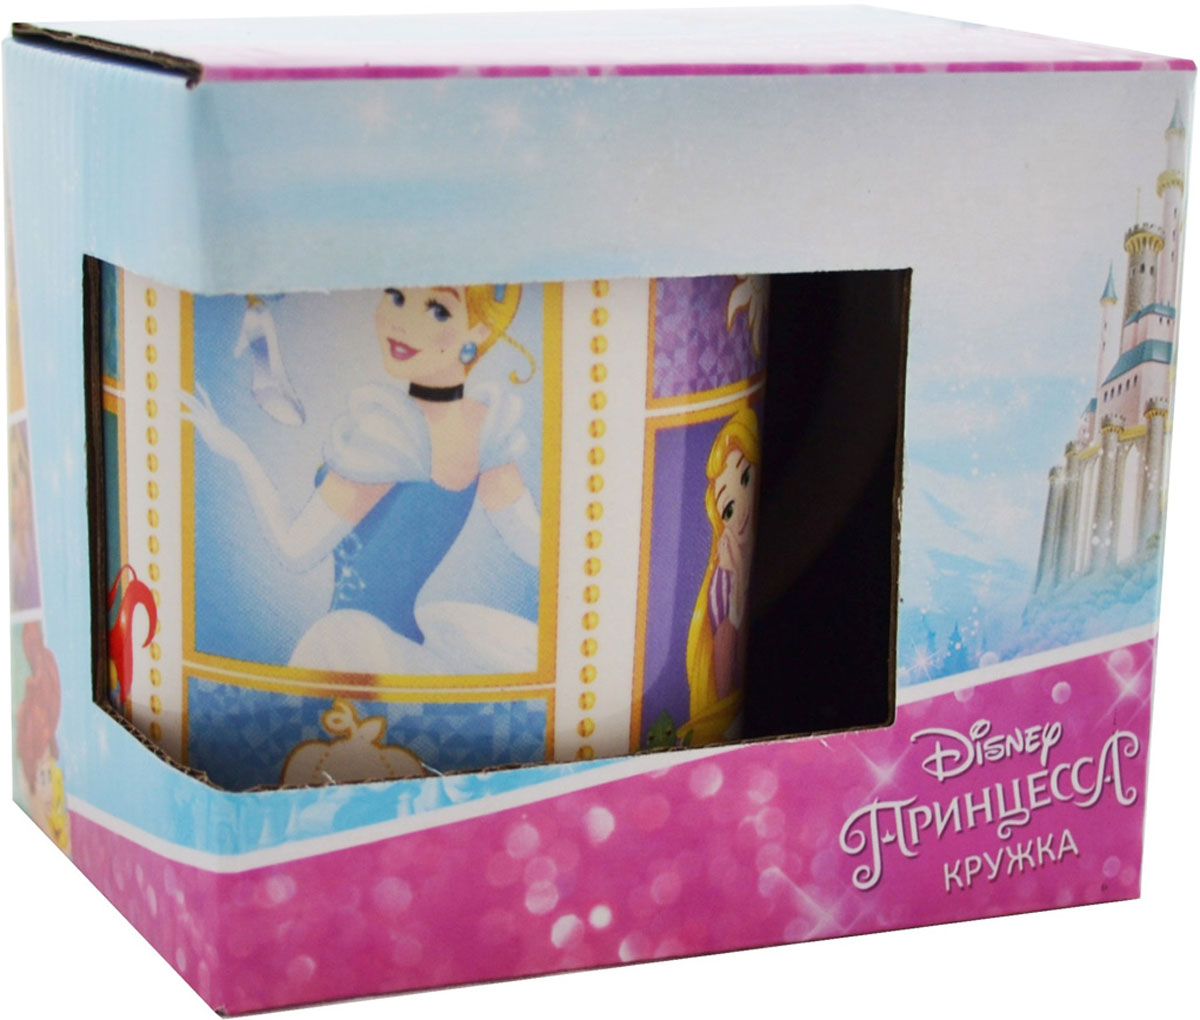 Disney Кружка детская Принцесса Будь собой! 240 мл в подарочной упаковкеDPM240-2gb